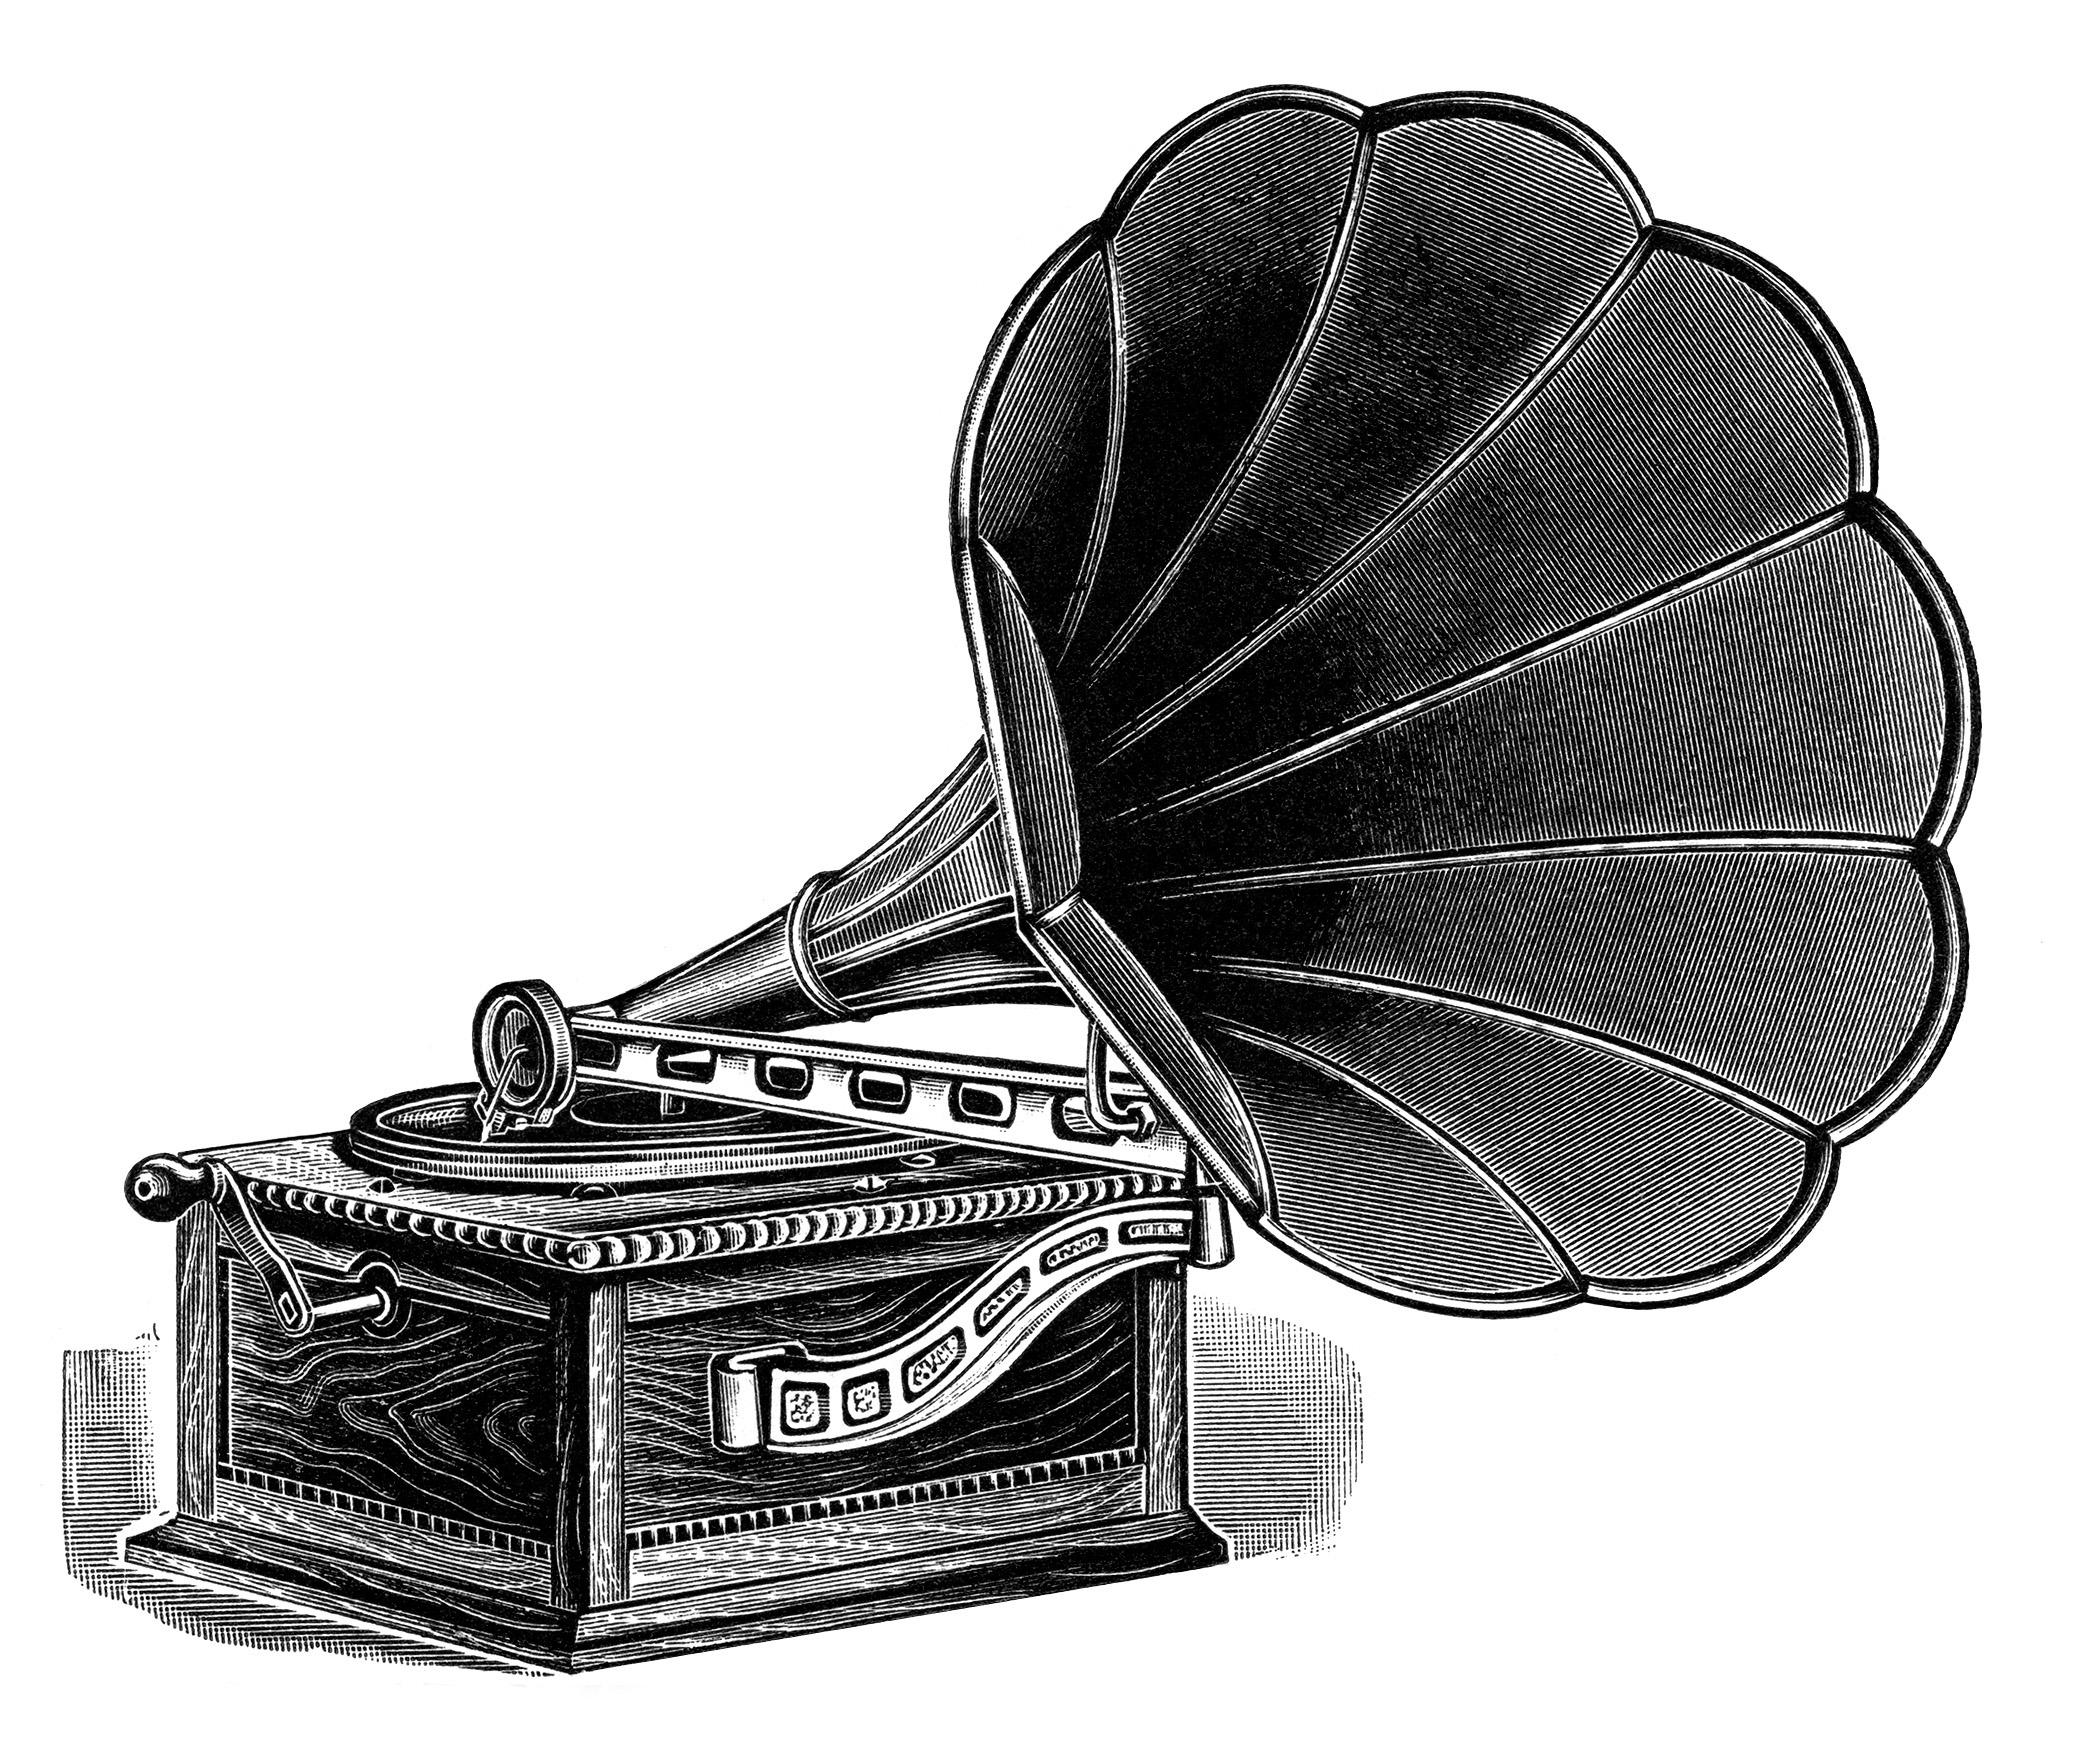 Retro record player clipart.